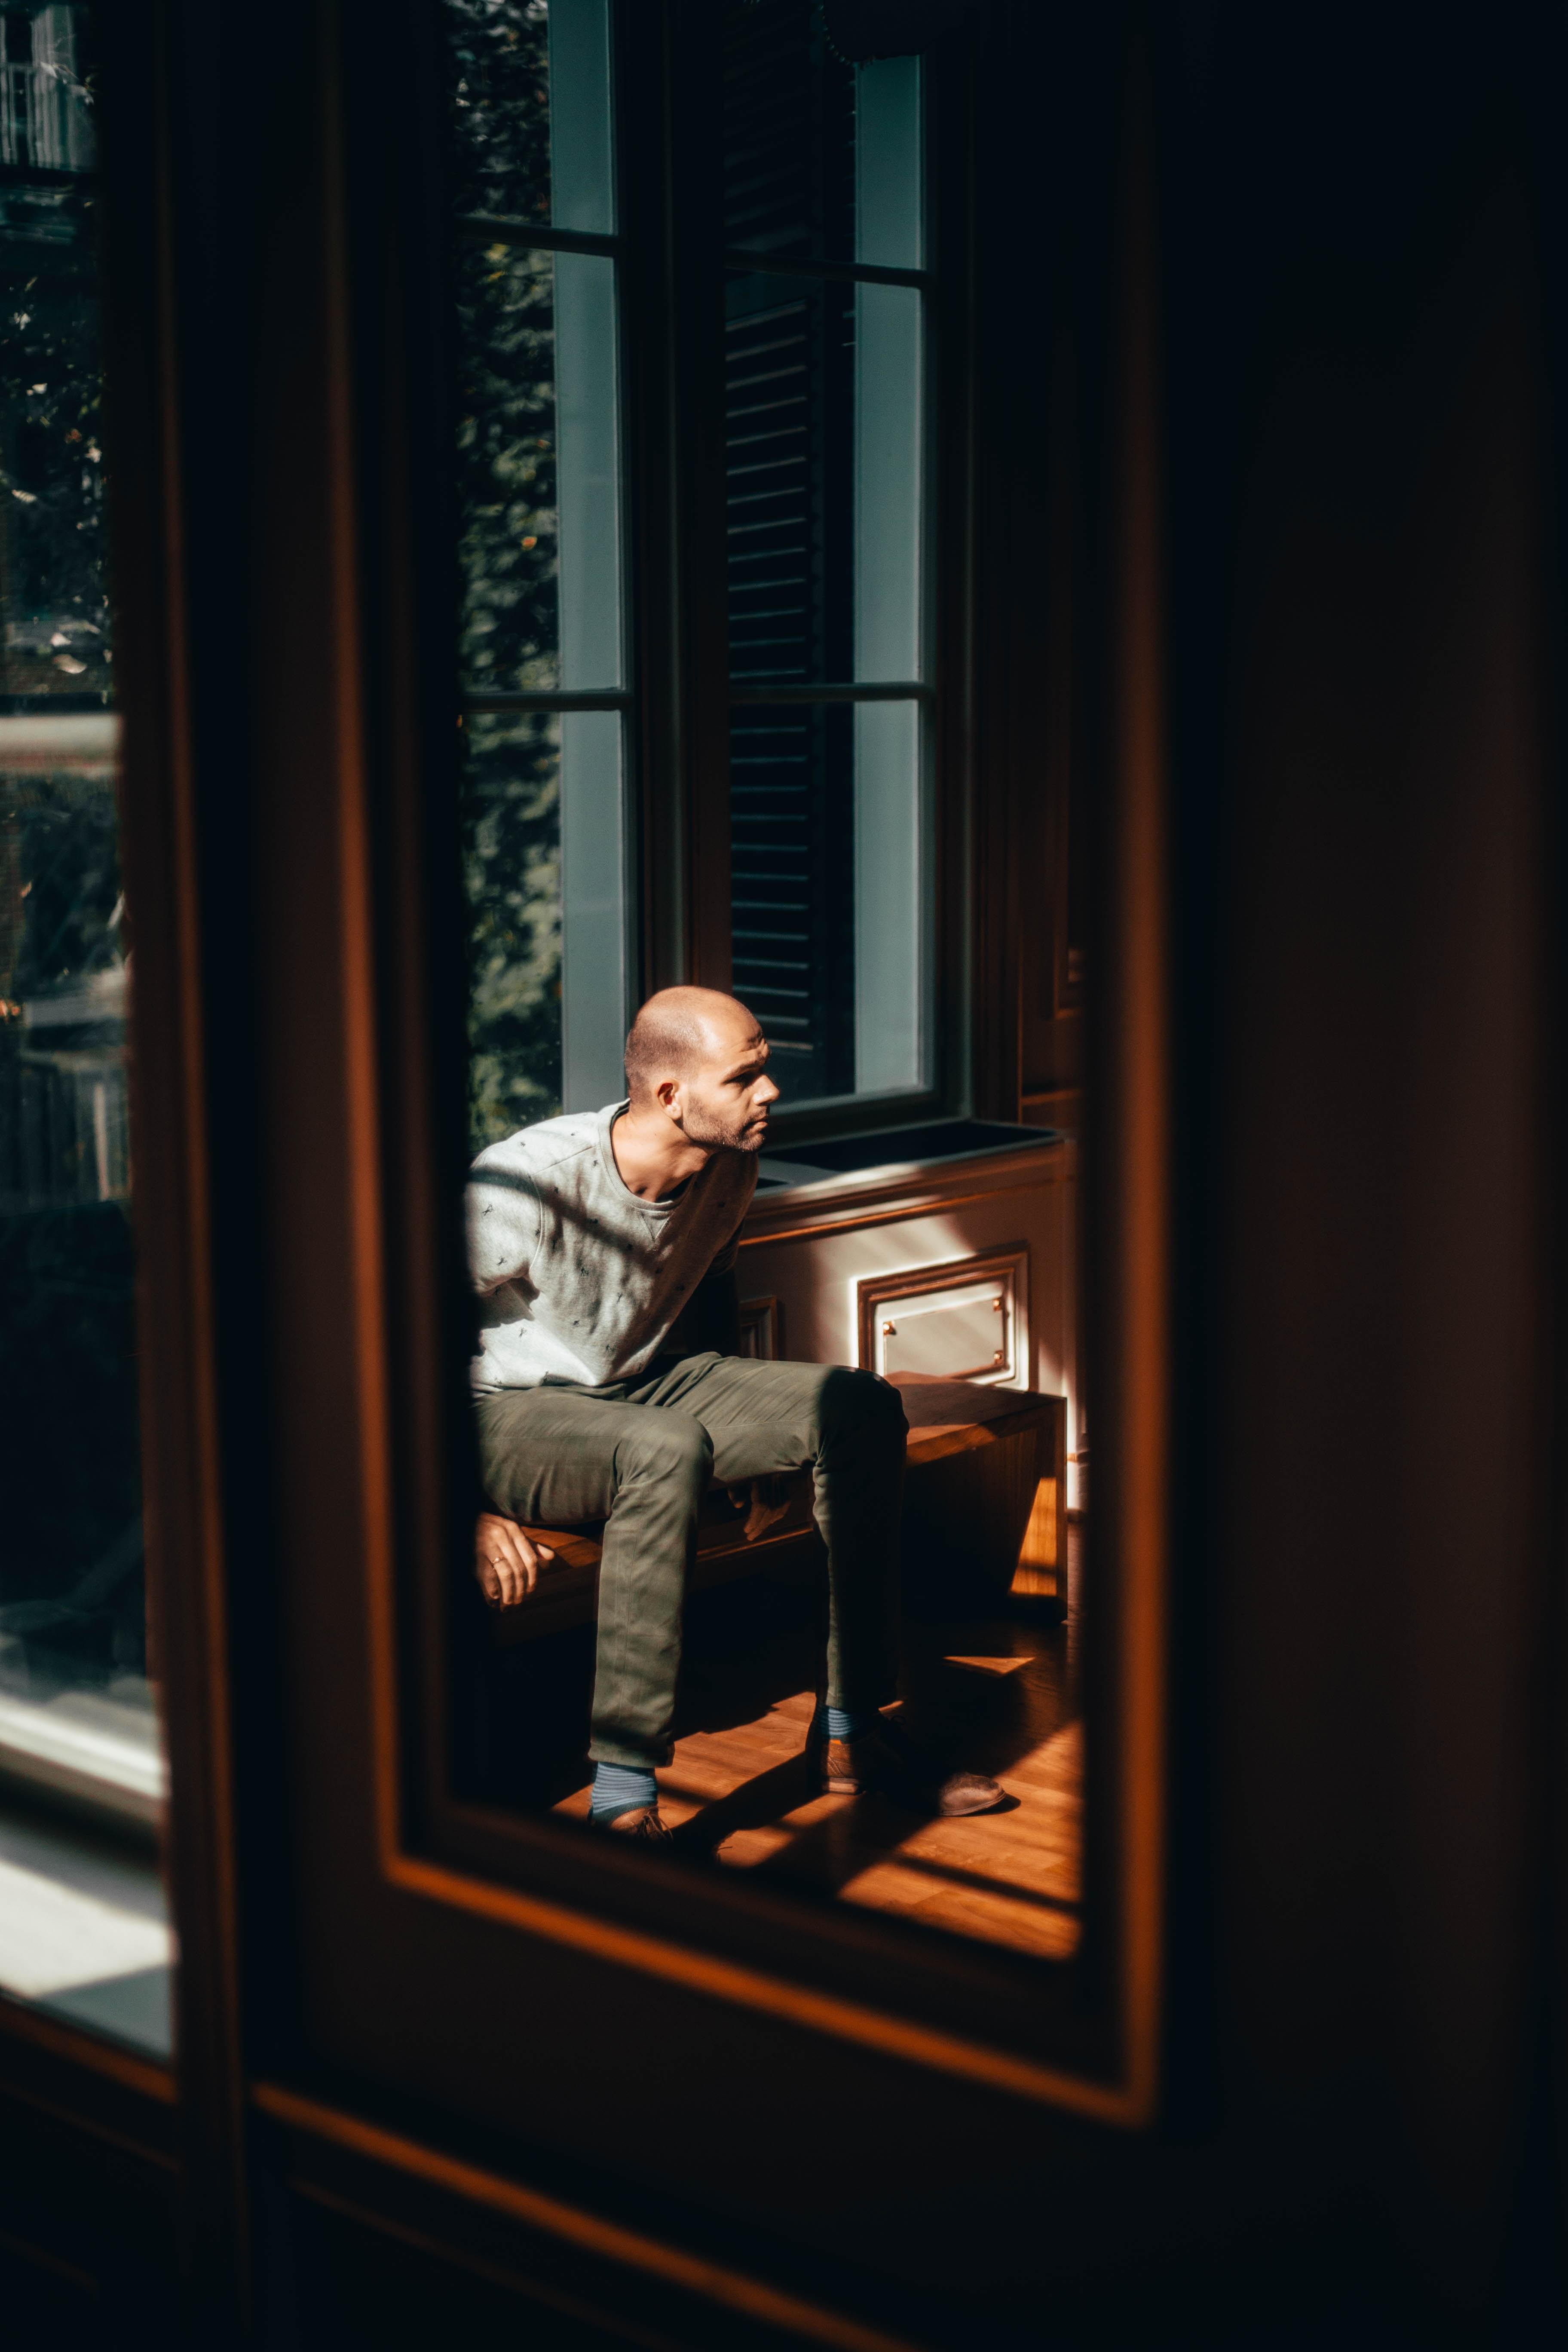 man sitting against window near mirror